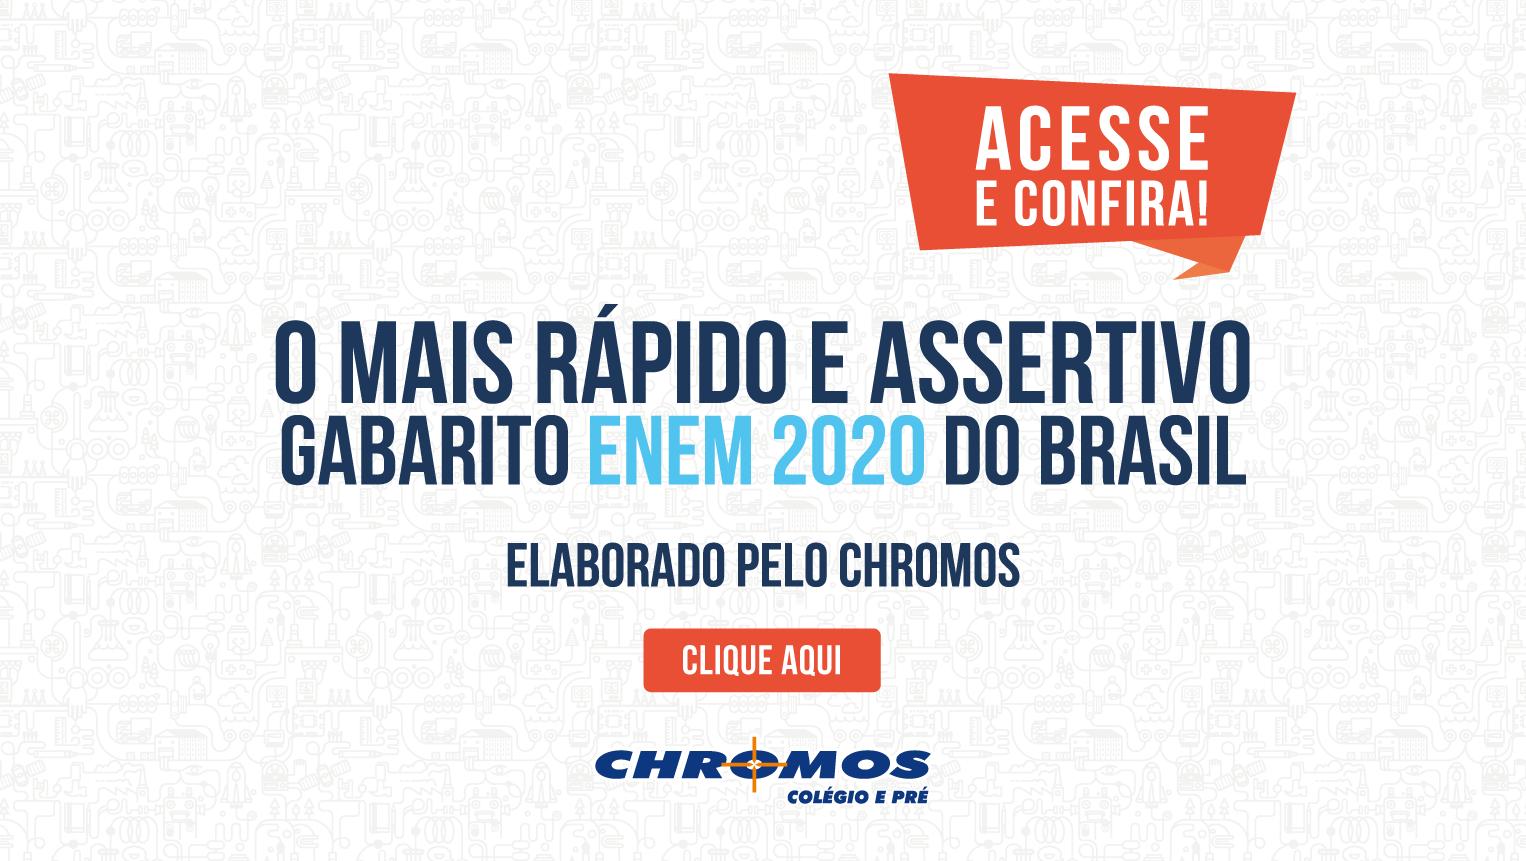 CHROMOS GABARITO ENEM 2020